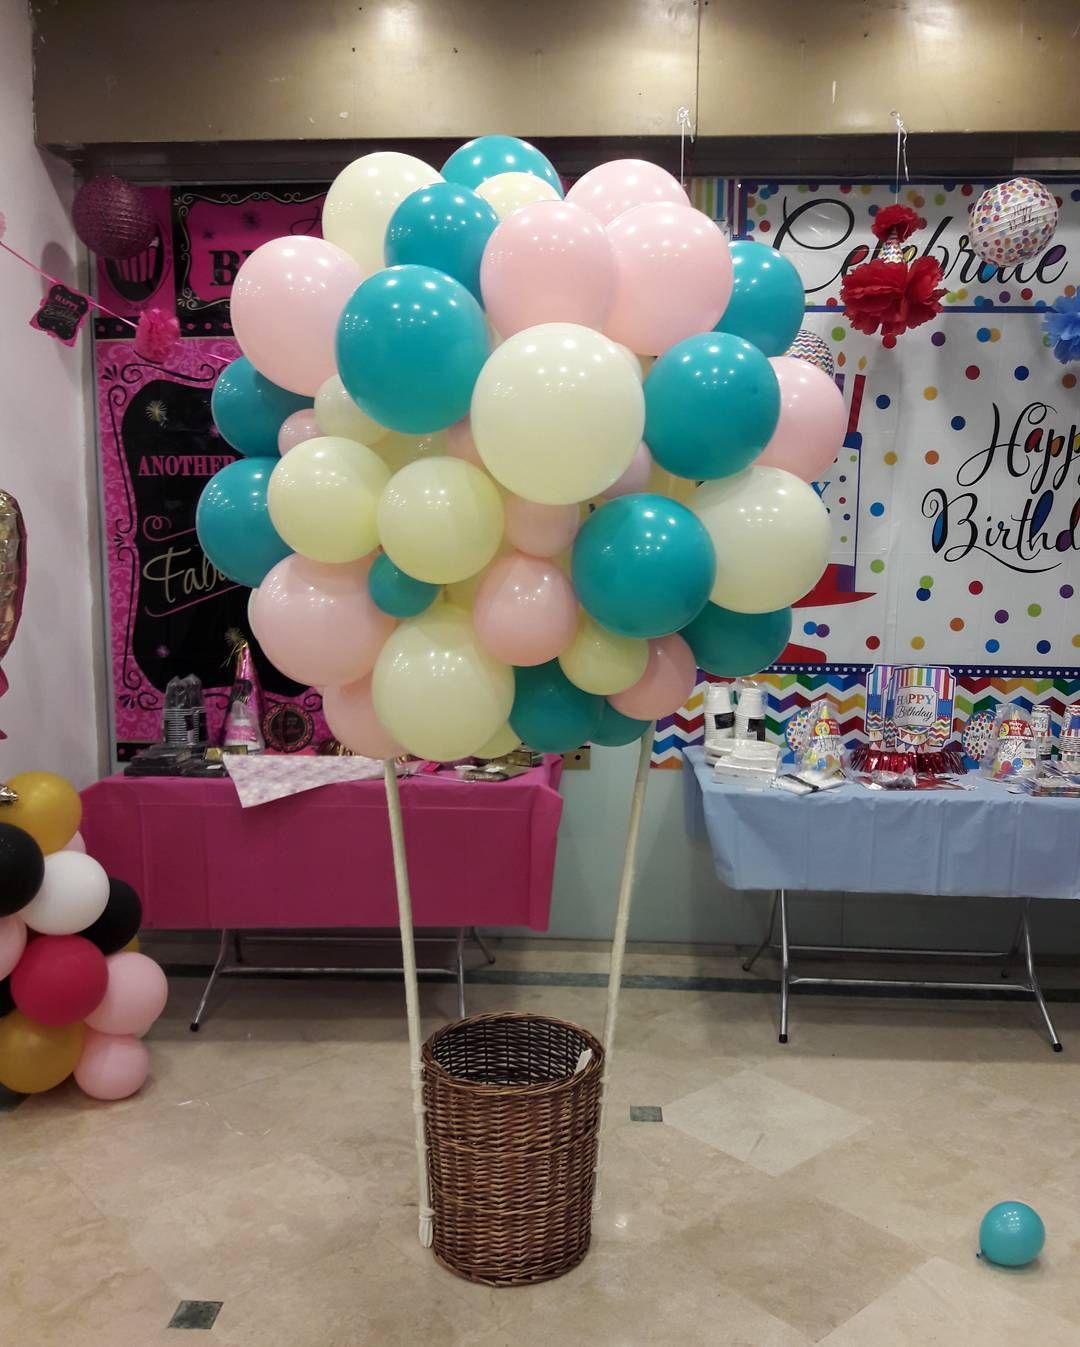 Pin On Balloons Decoration تزين بالونات